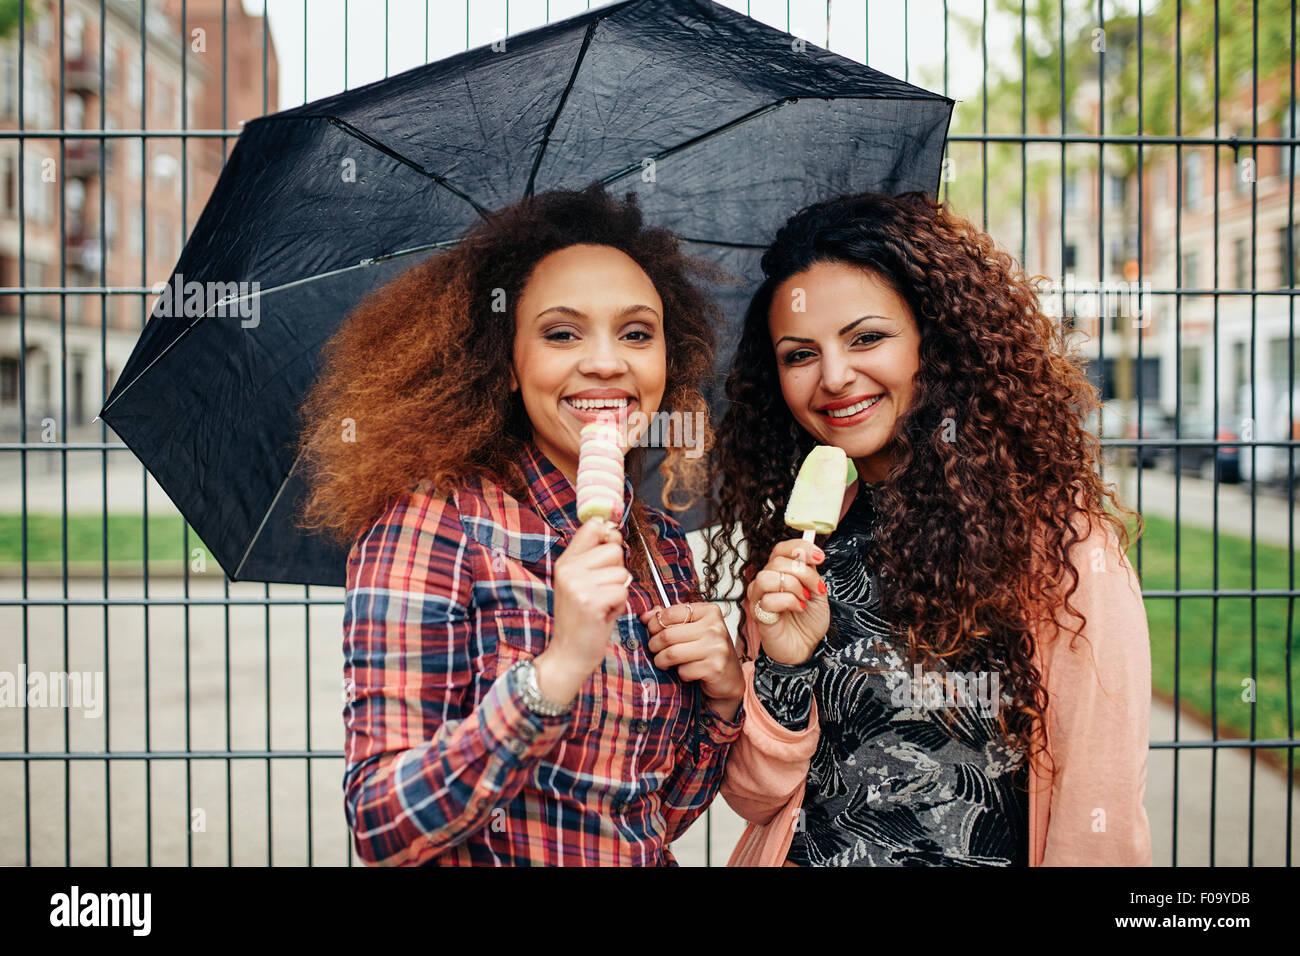 Ritratto di due giovani donne in piedi sotto ombrellone a mangiare un gelato. Felice giovani amici di sesso femminile Immagini Stock